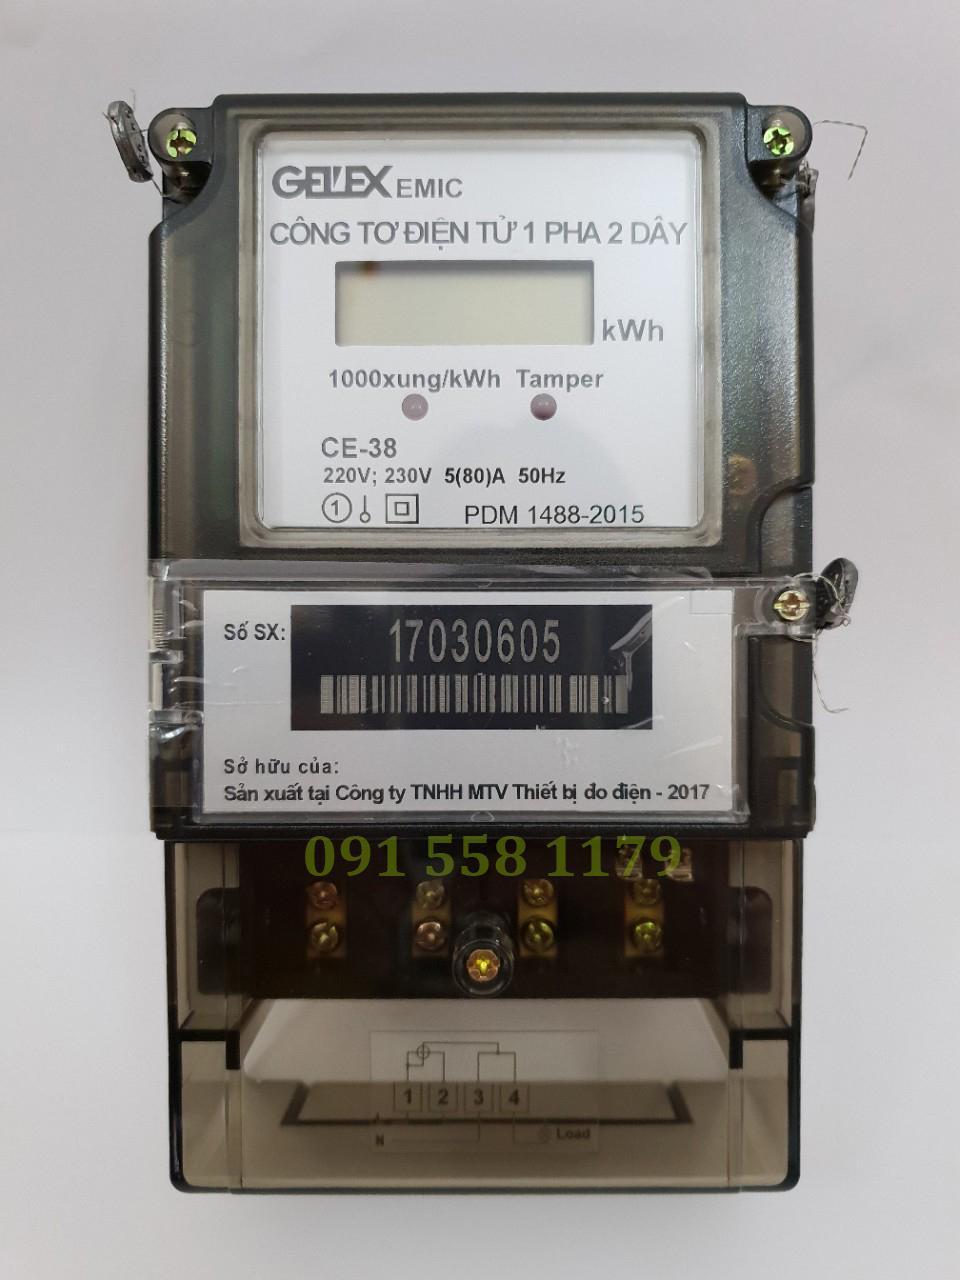 Công Tơ Điện Tử 1 Pha EMIC CE-38, Thiết kế nhỏ gọn, hiện đại. Thay thế công tơ nhà trọ